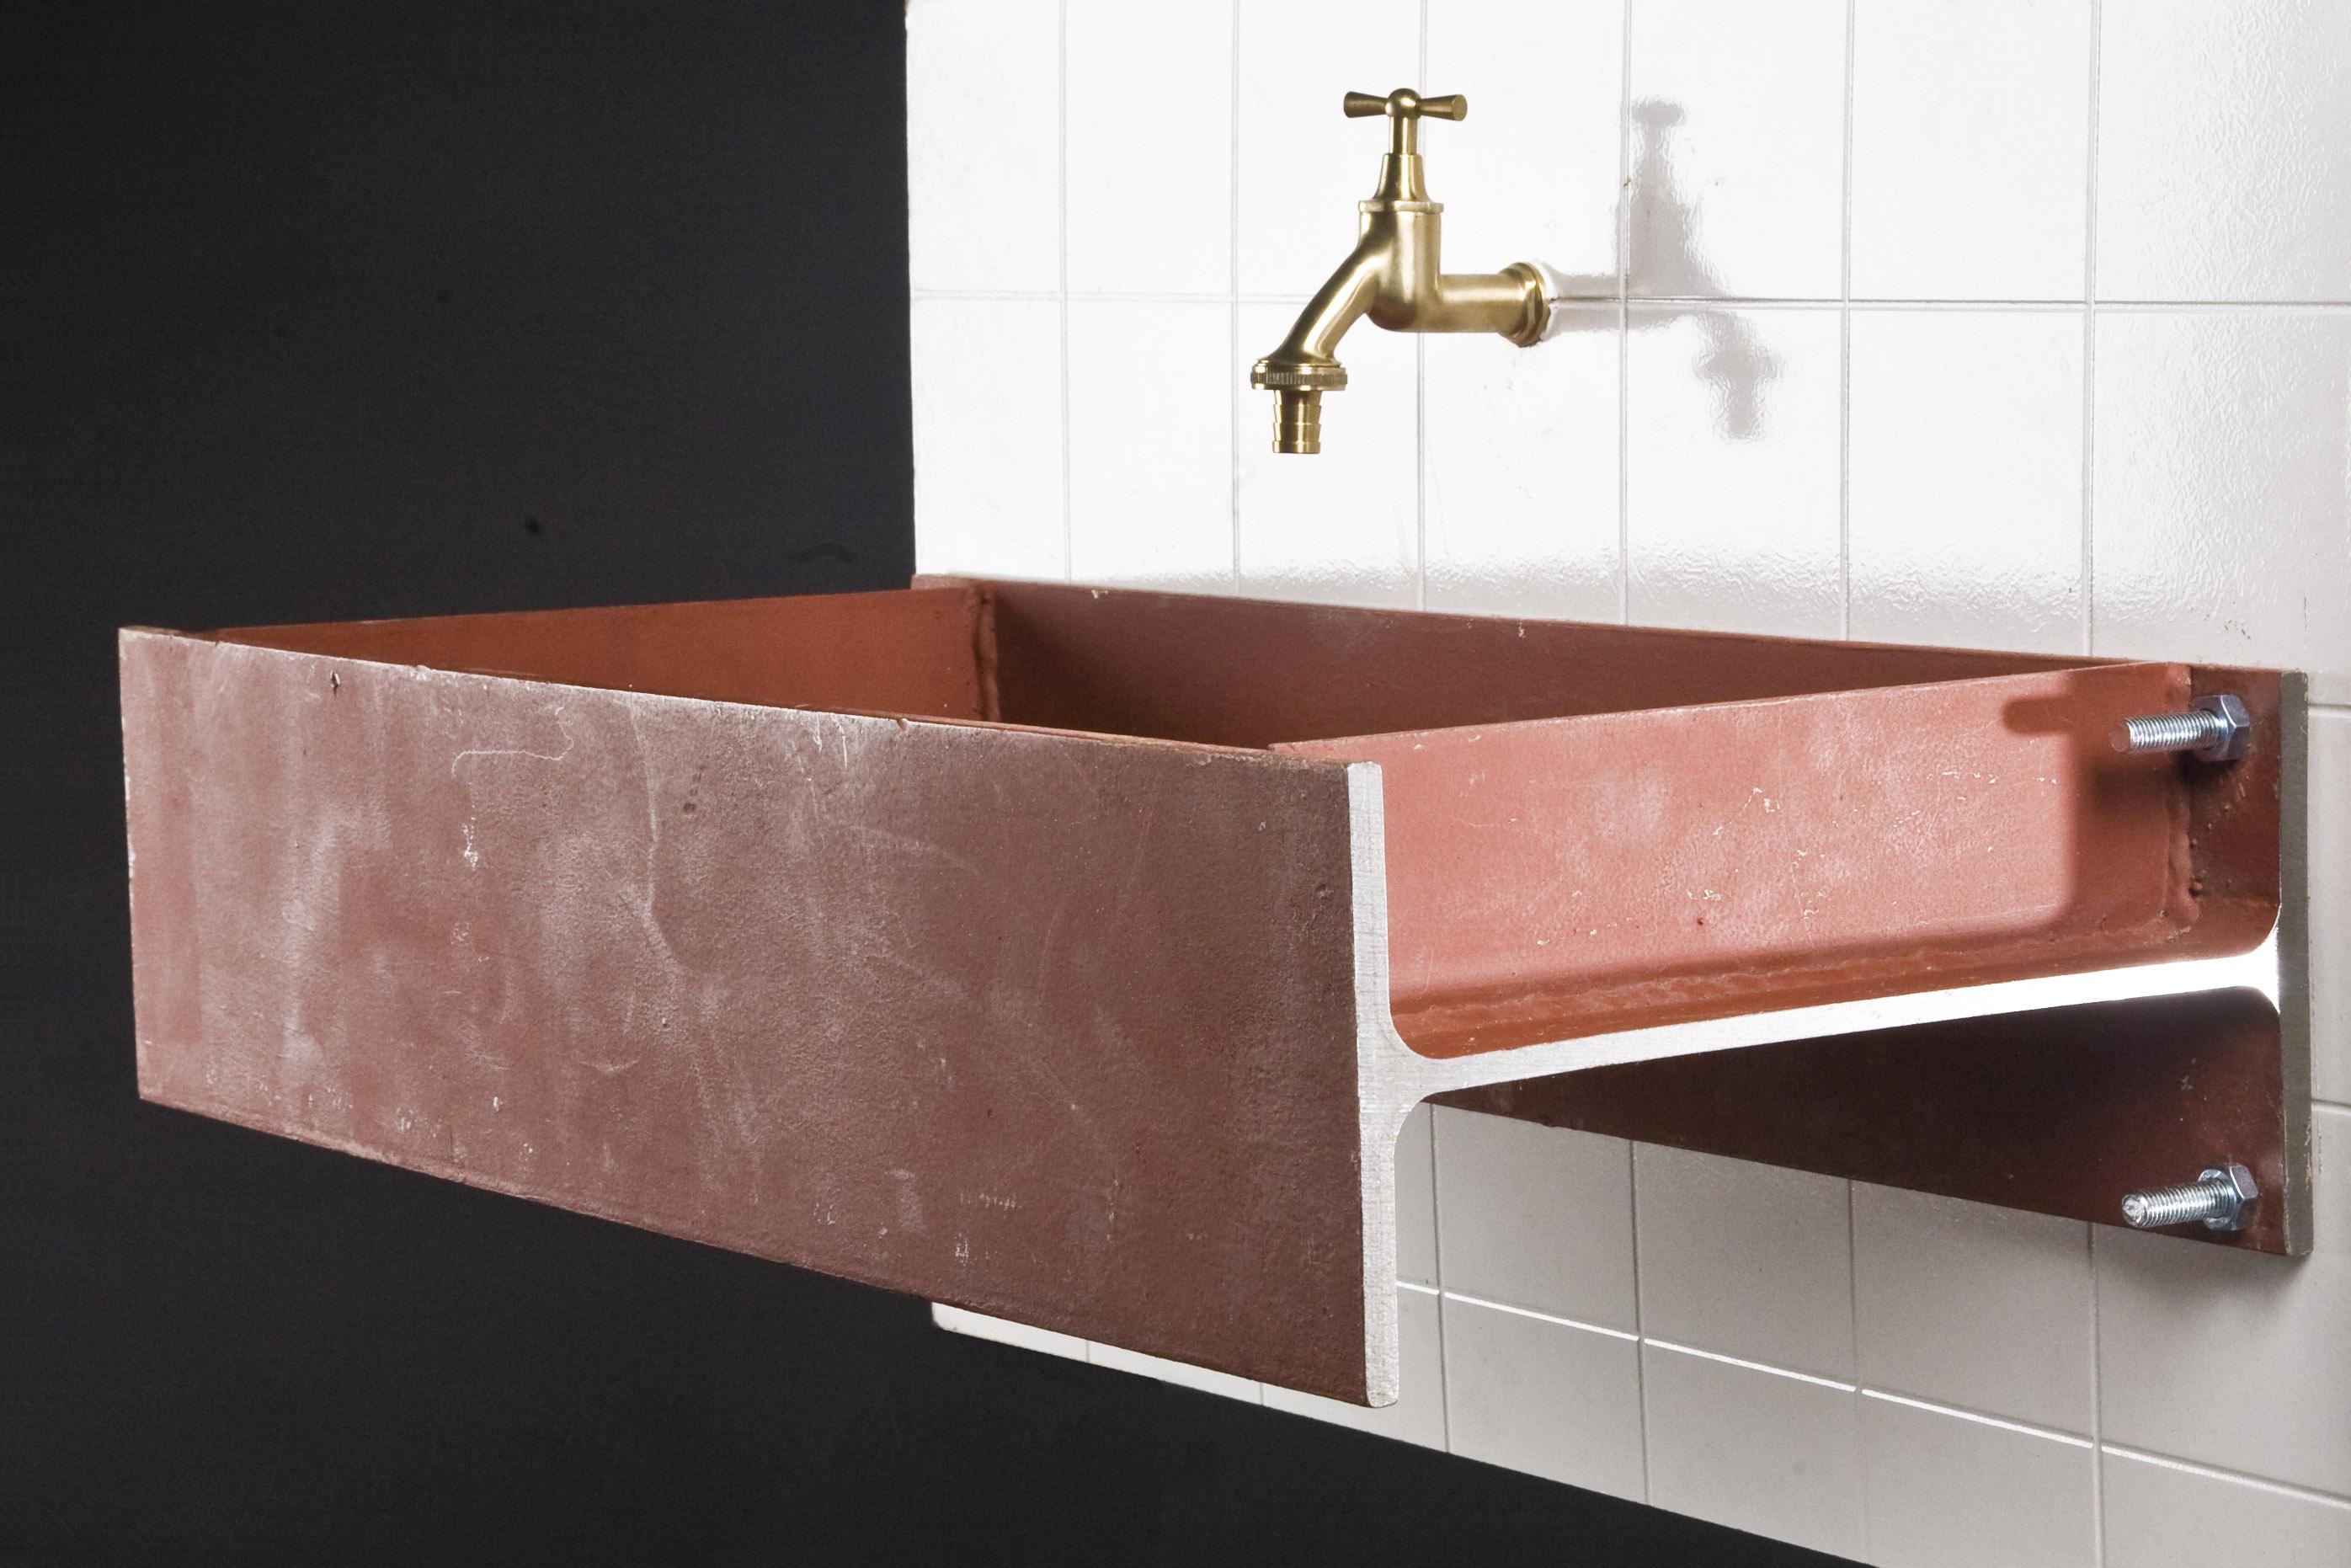 Wastafel Sink#1 van Atelier Gertjan kopen? Bestel online bij Gimmii # Wasbak Fabriek_155207